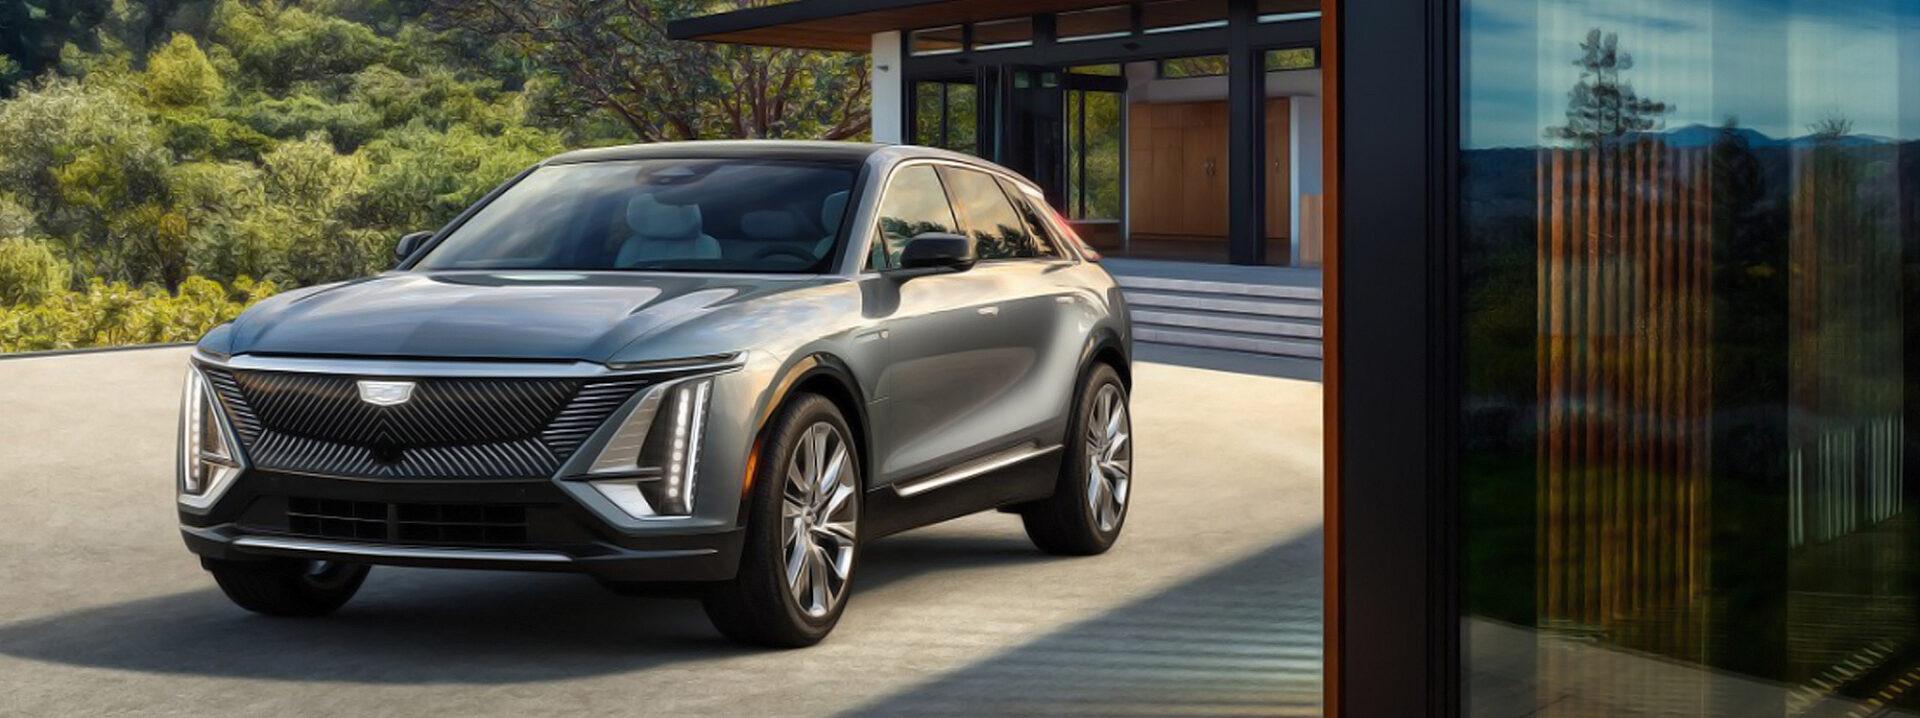 Lyriq 2023: el futuro eléctrico de Cadillac